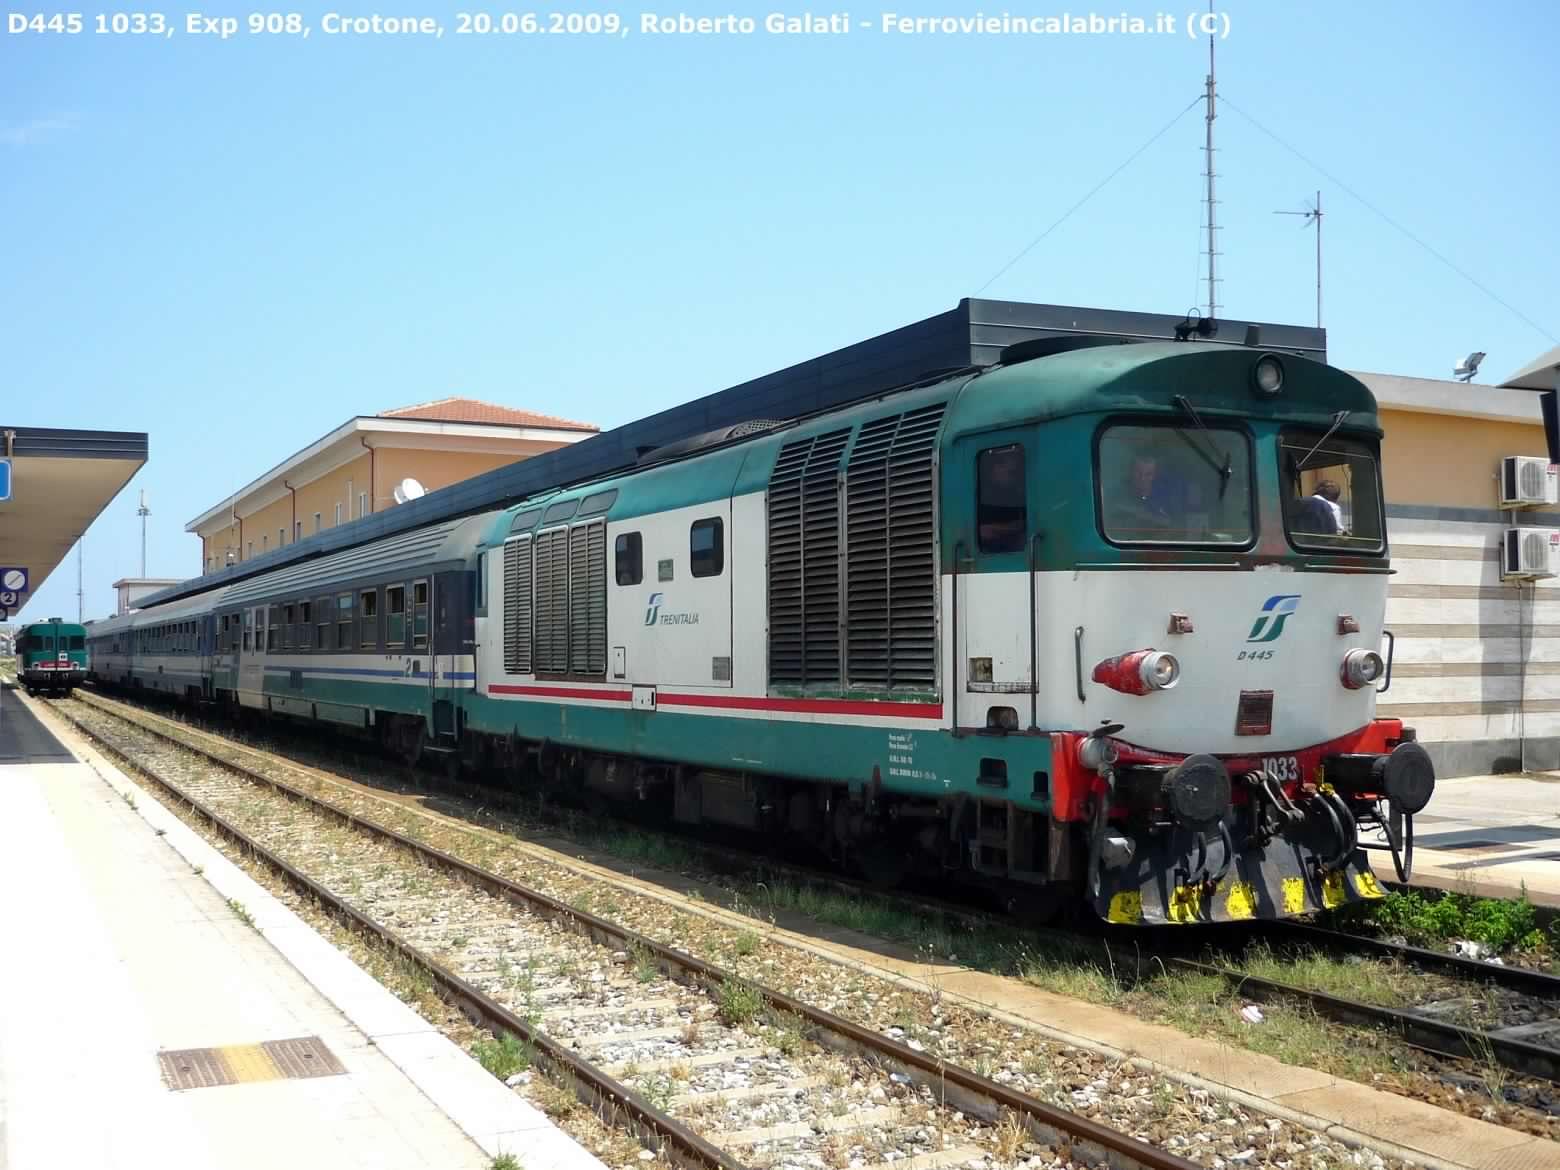 D445 1033-Exp905-Crotone-2009-06-20-RobertoGalati 2